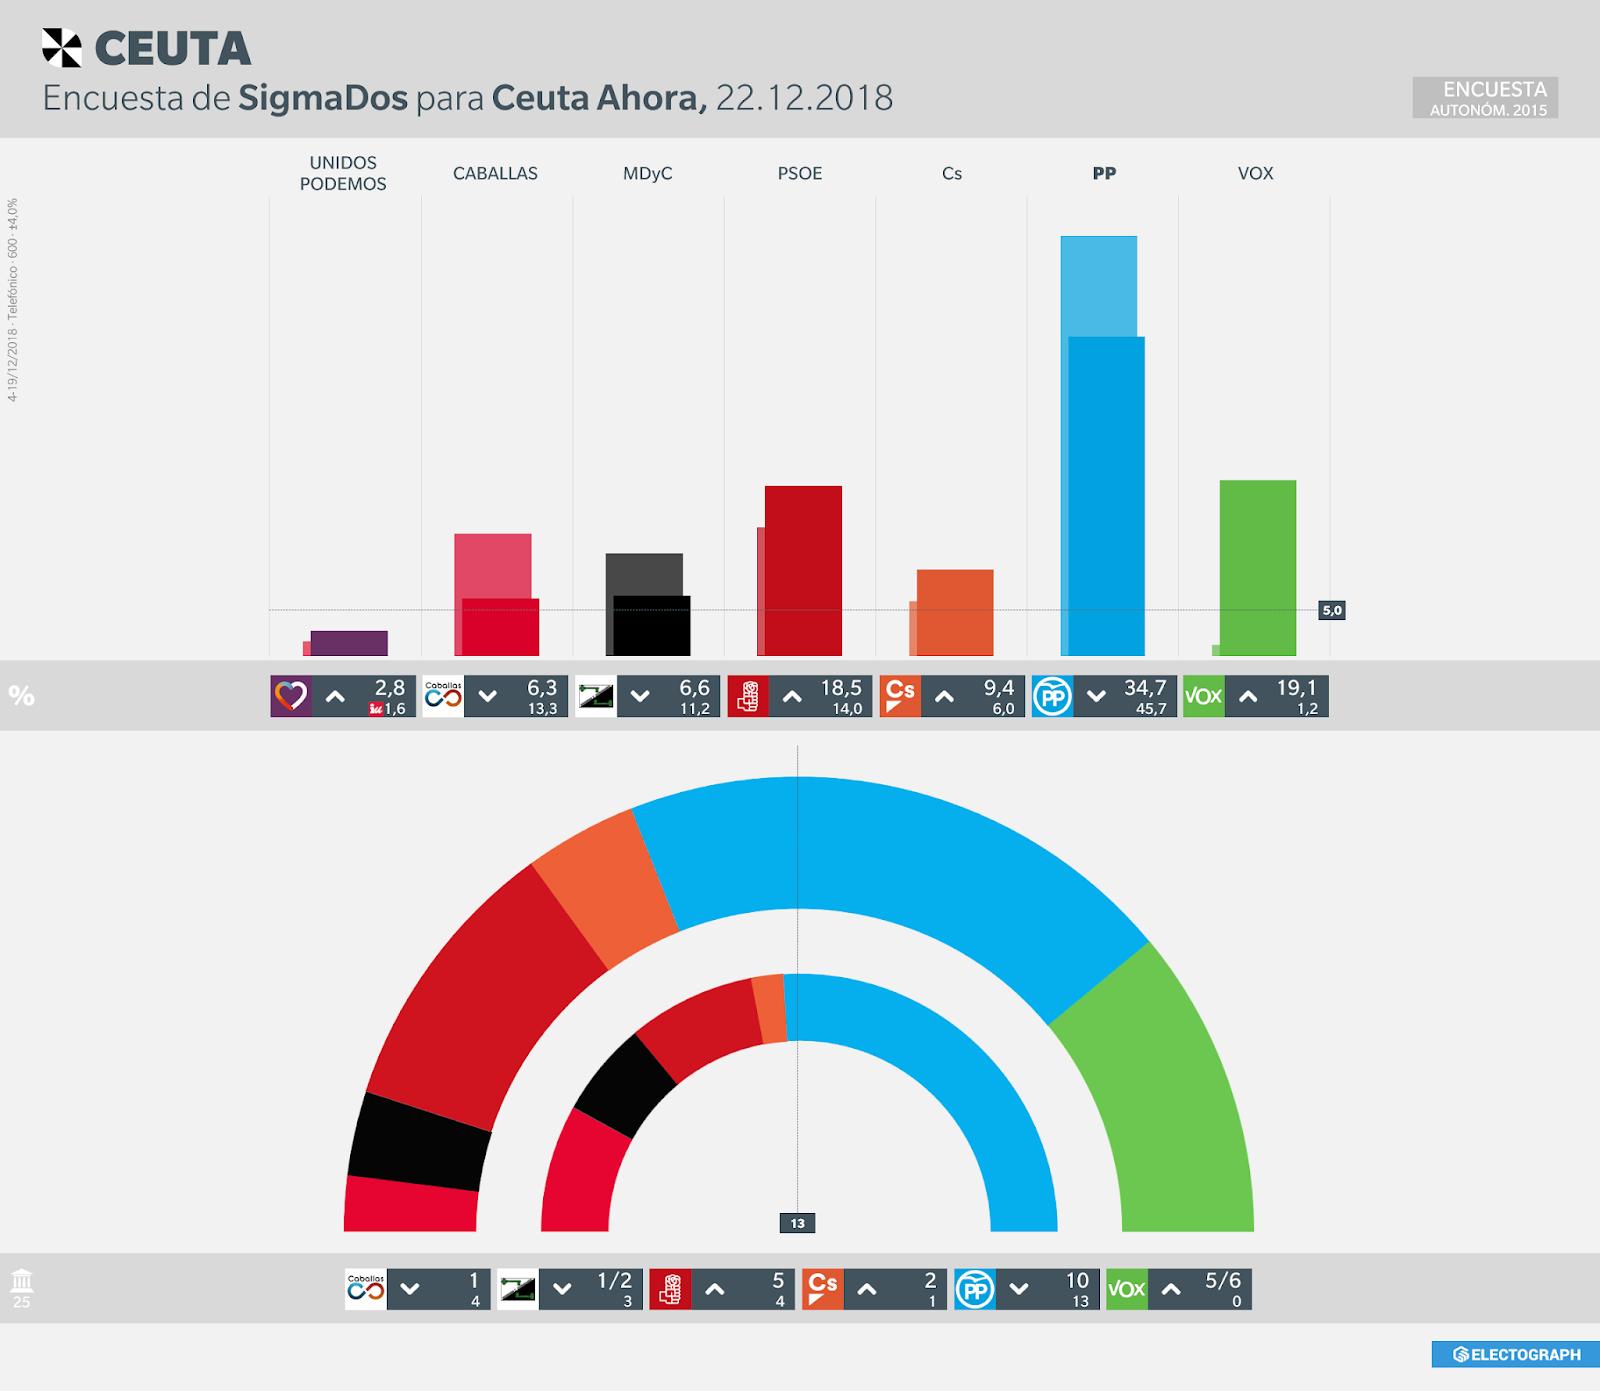 Gráfico de la encuesta para elecciones autonómicas en Ceuta realizada por SigmaDos para Ceuta Ahora, 22 de diciembre de 2018